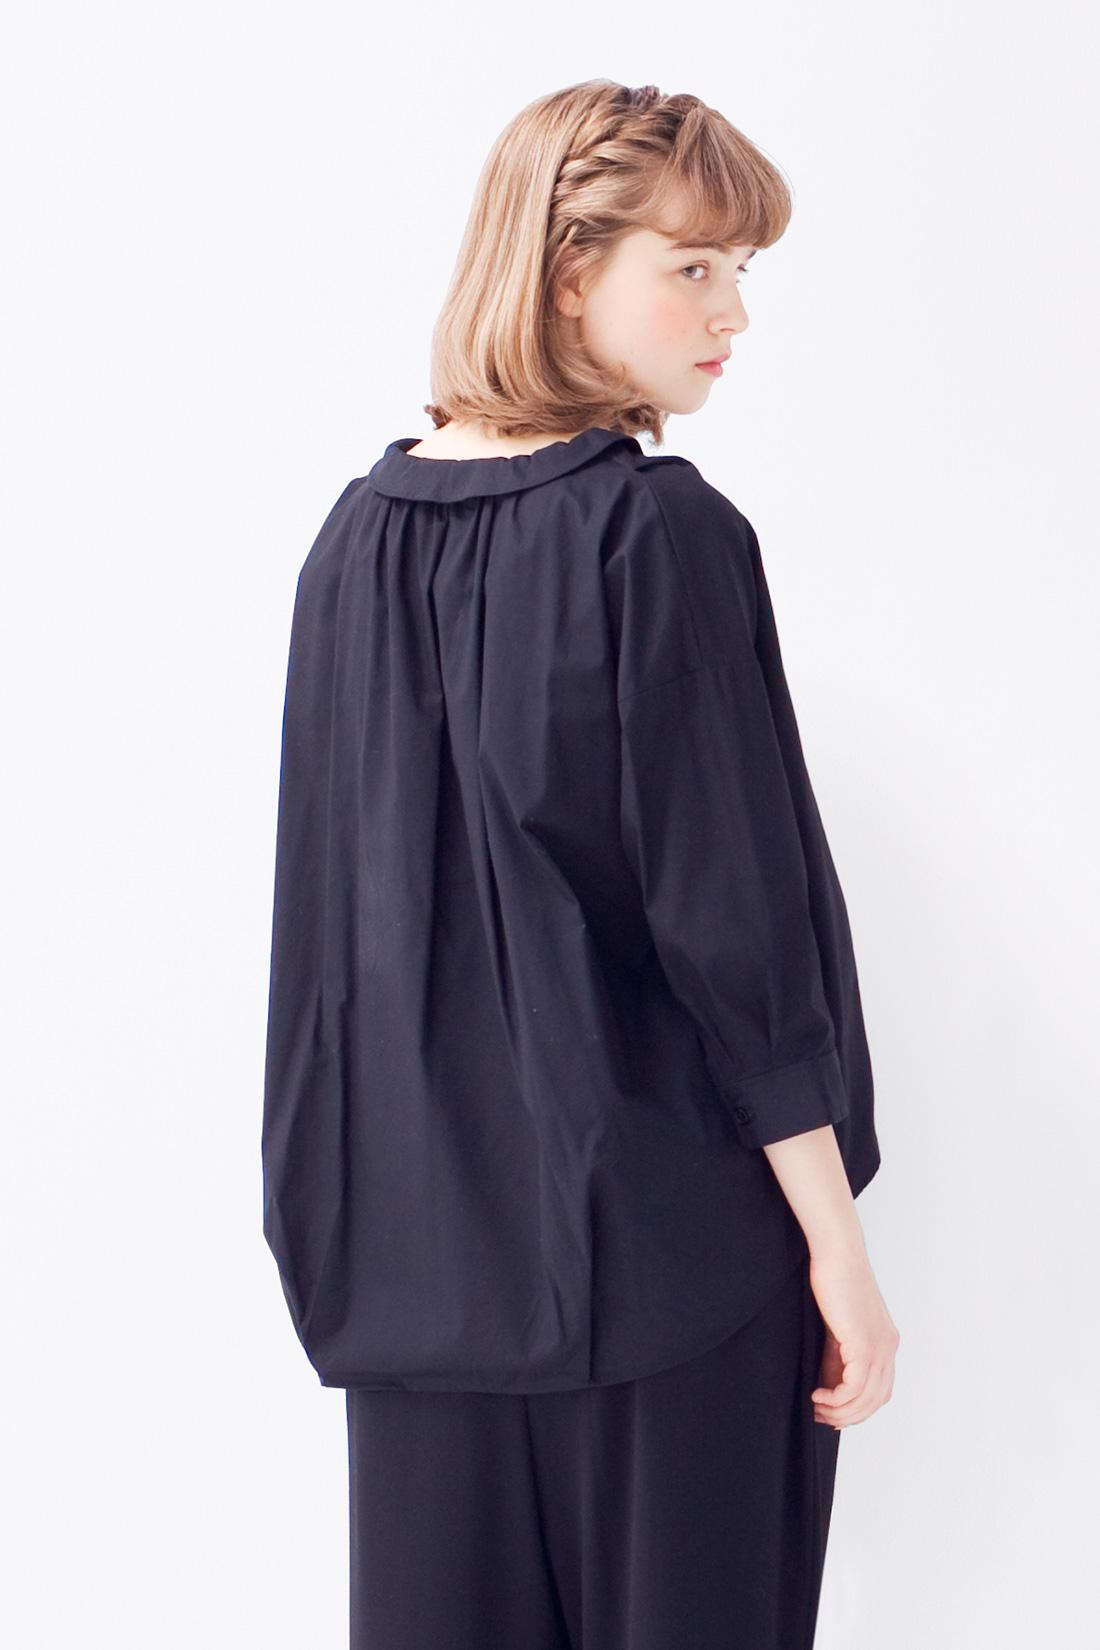 [衿の形がポイント。]後ろに下がり気味の、衿の形がリラックスムード。 ※着用イメージです。お届けするカラーとは異なります。